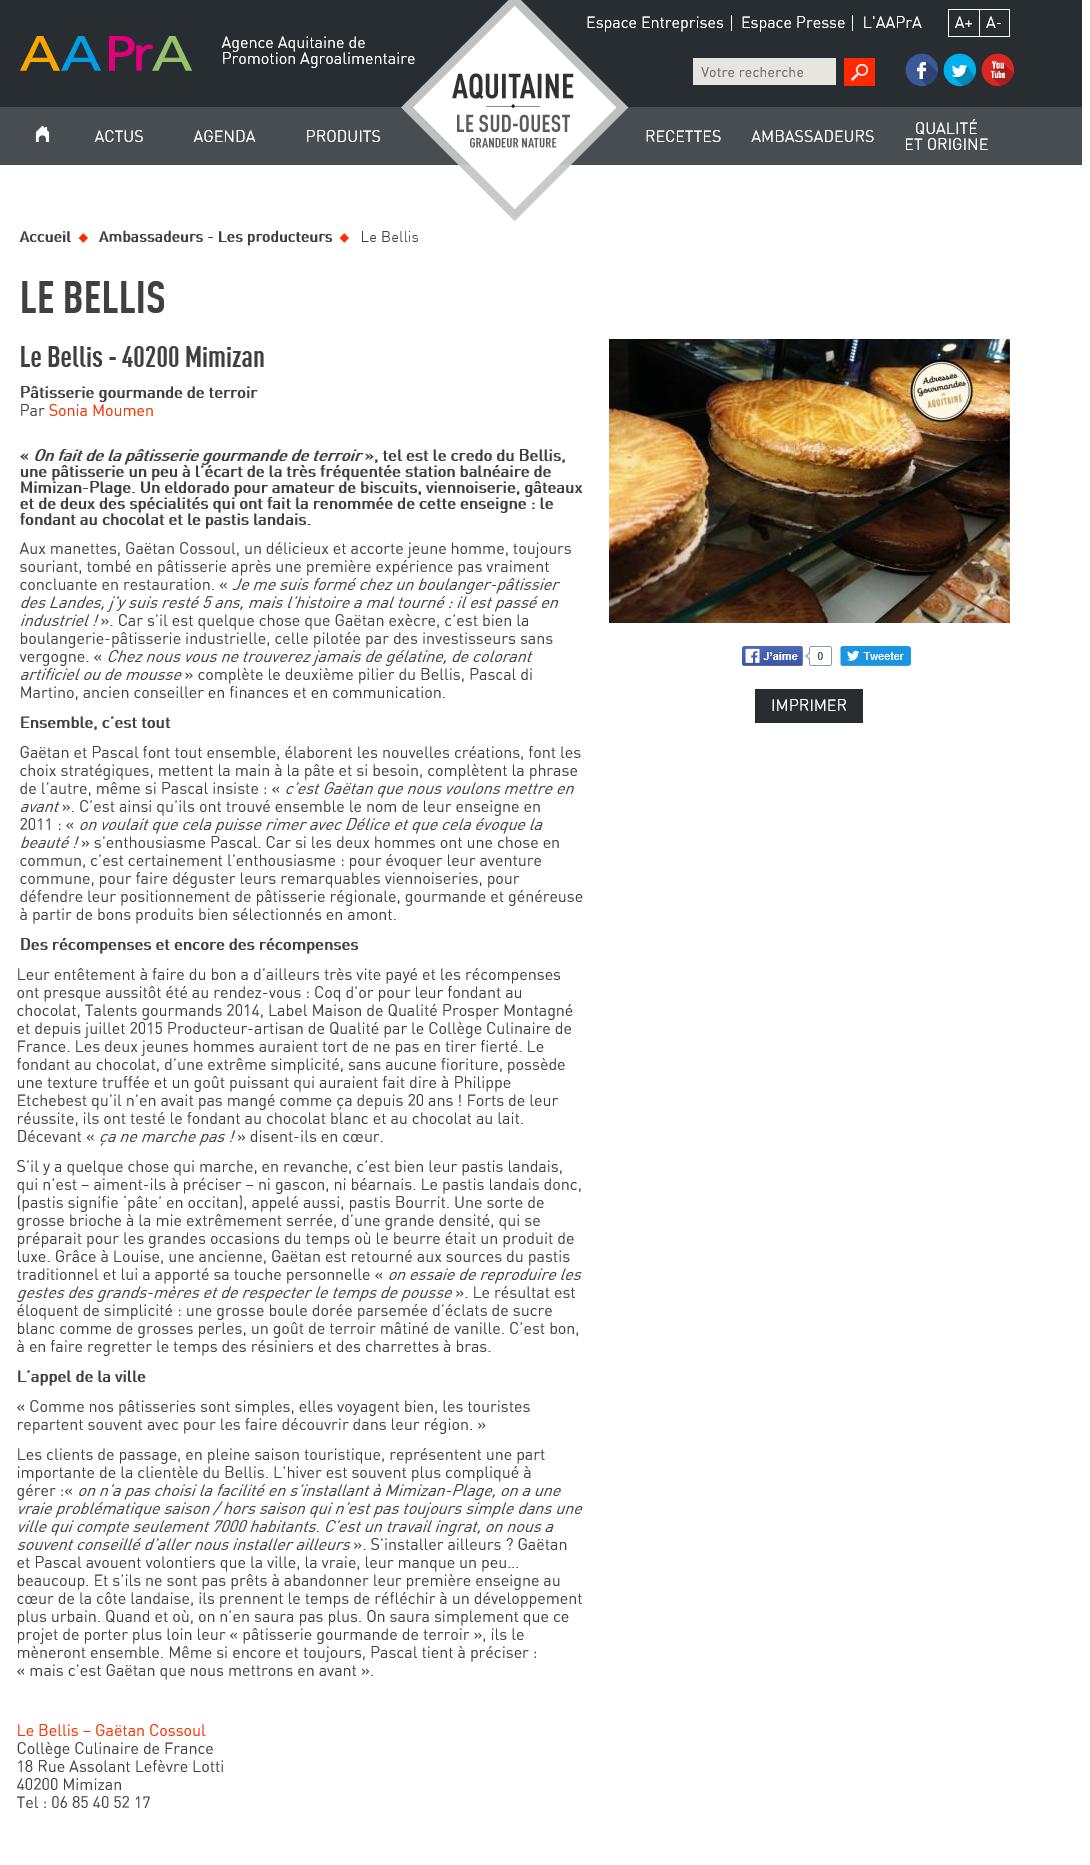 Article aapra